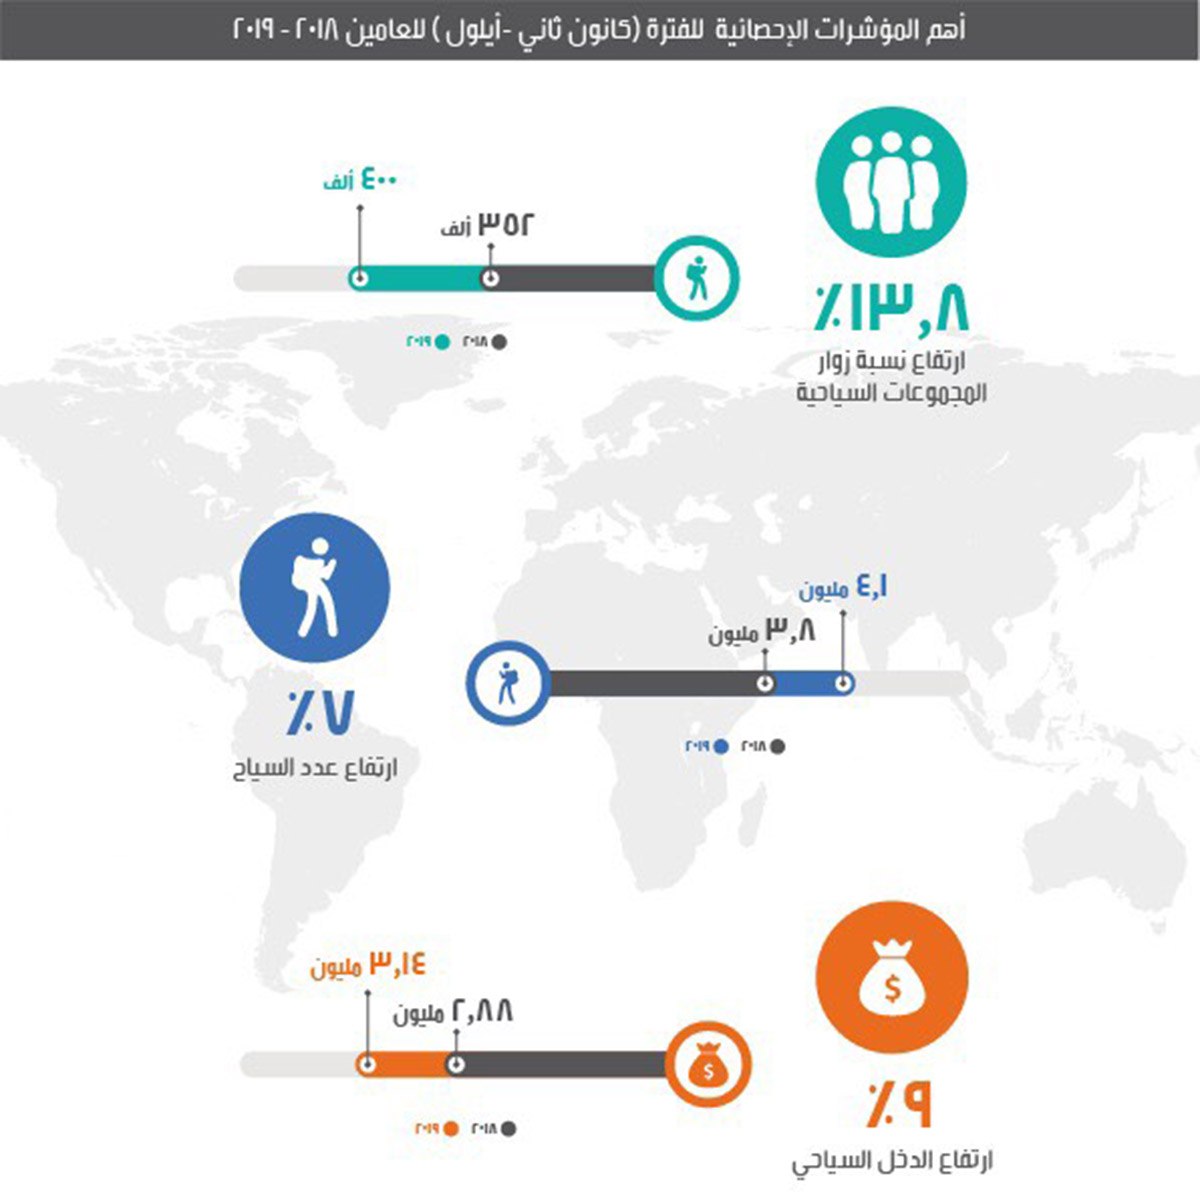 قطاع السياحة في الأردن 2018 - 2019